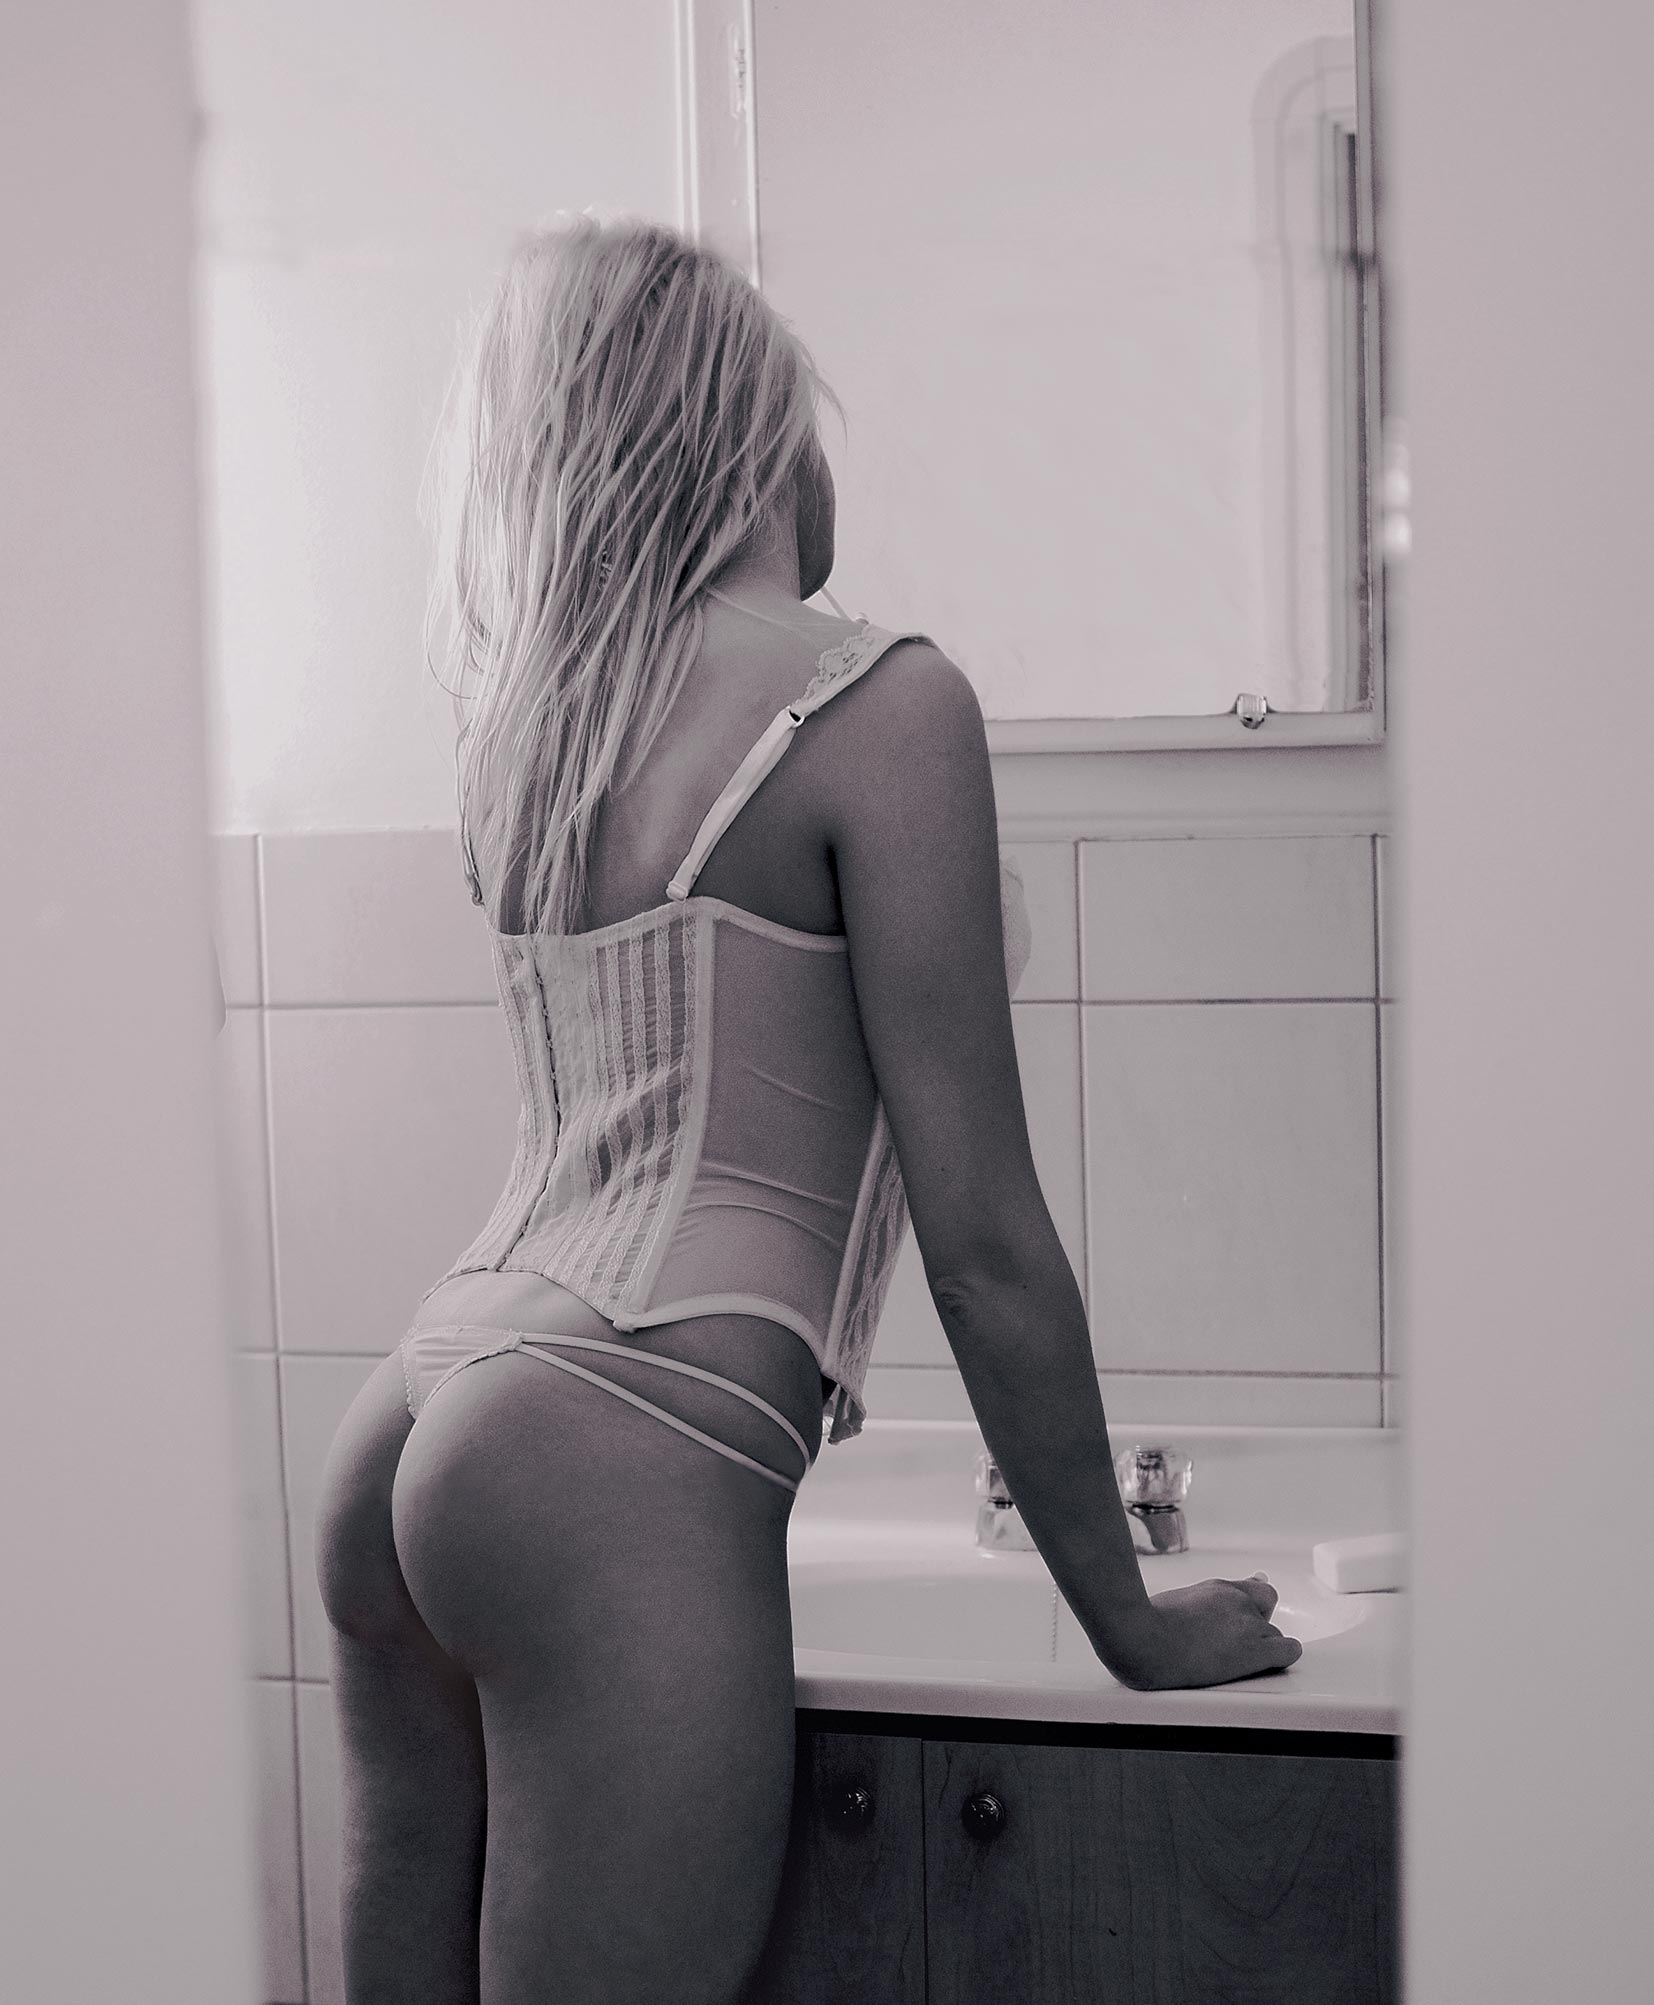 Photo noir et blanc de boudoir devant un miroir / femme à la vanité portant de la lingerie blanche